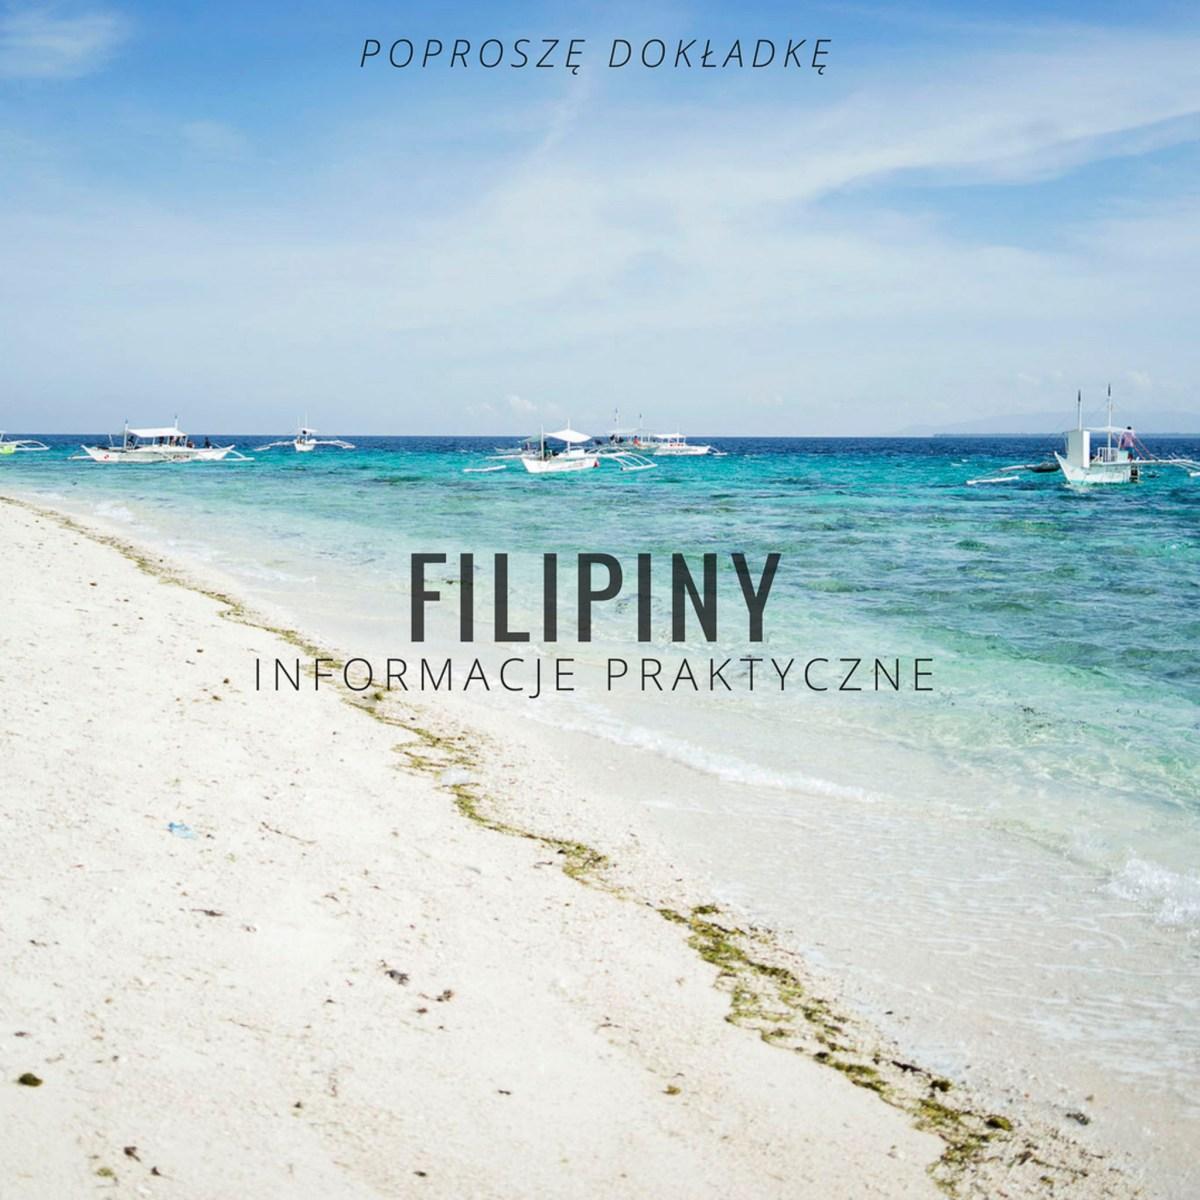 Filipiny - informacje praktyczne